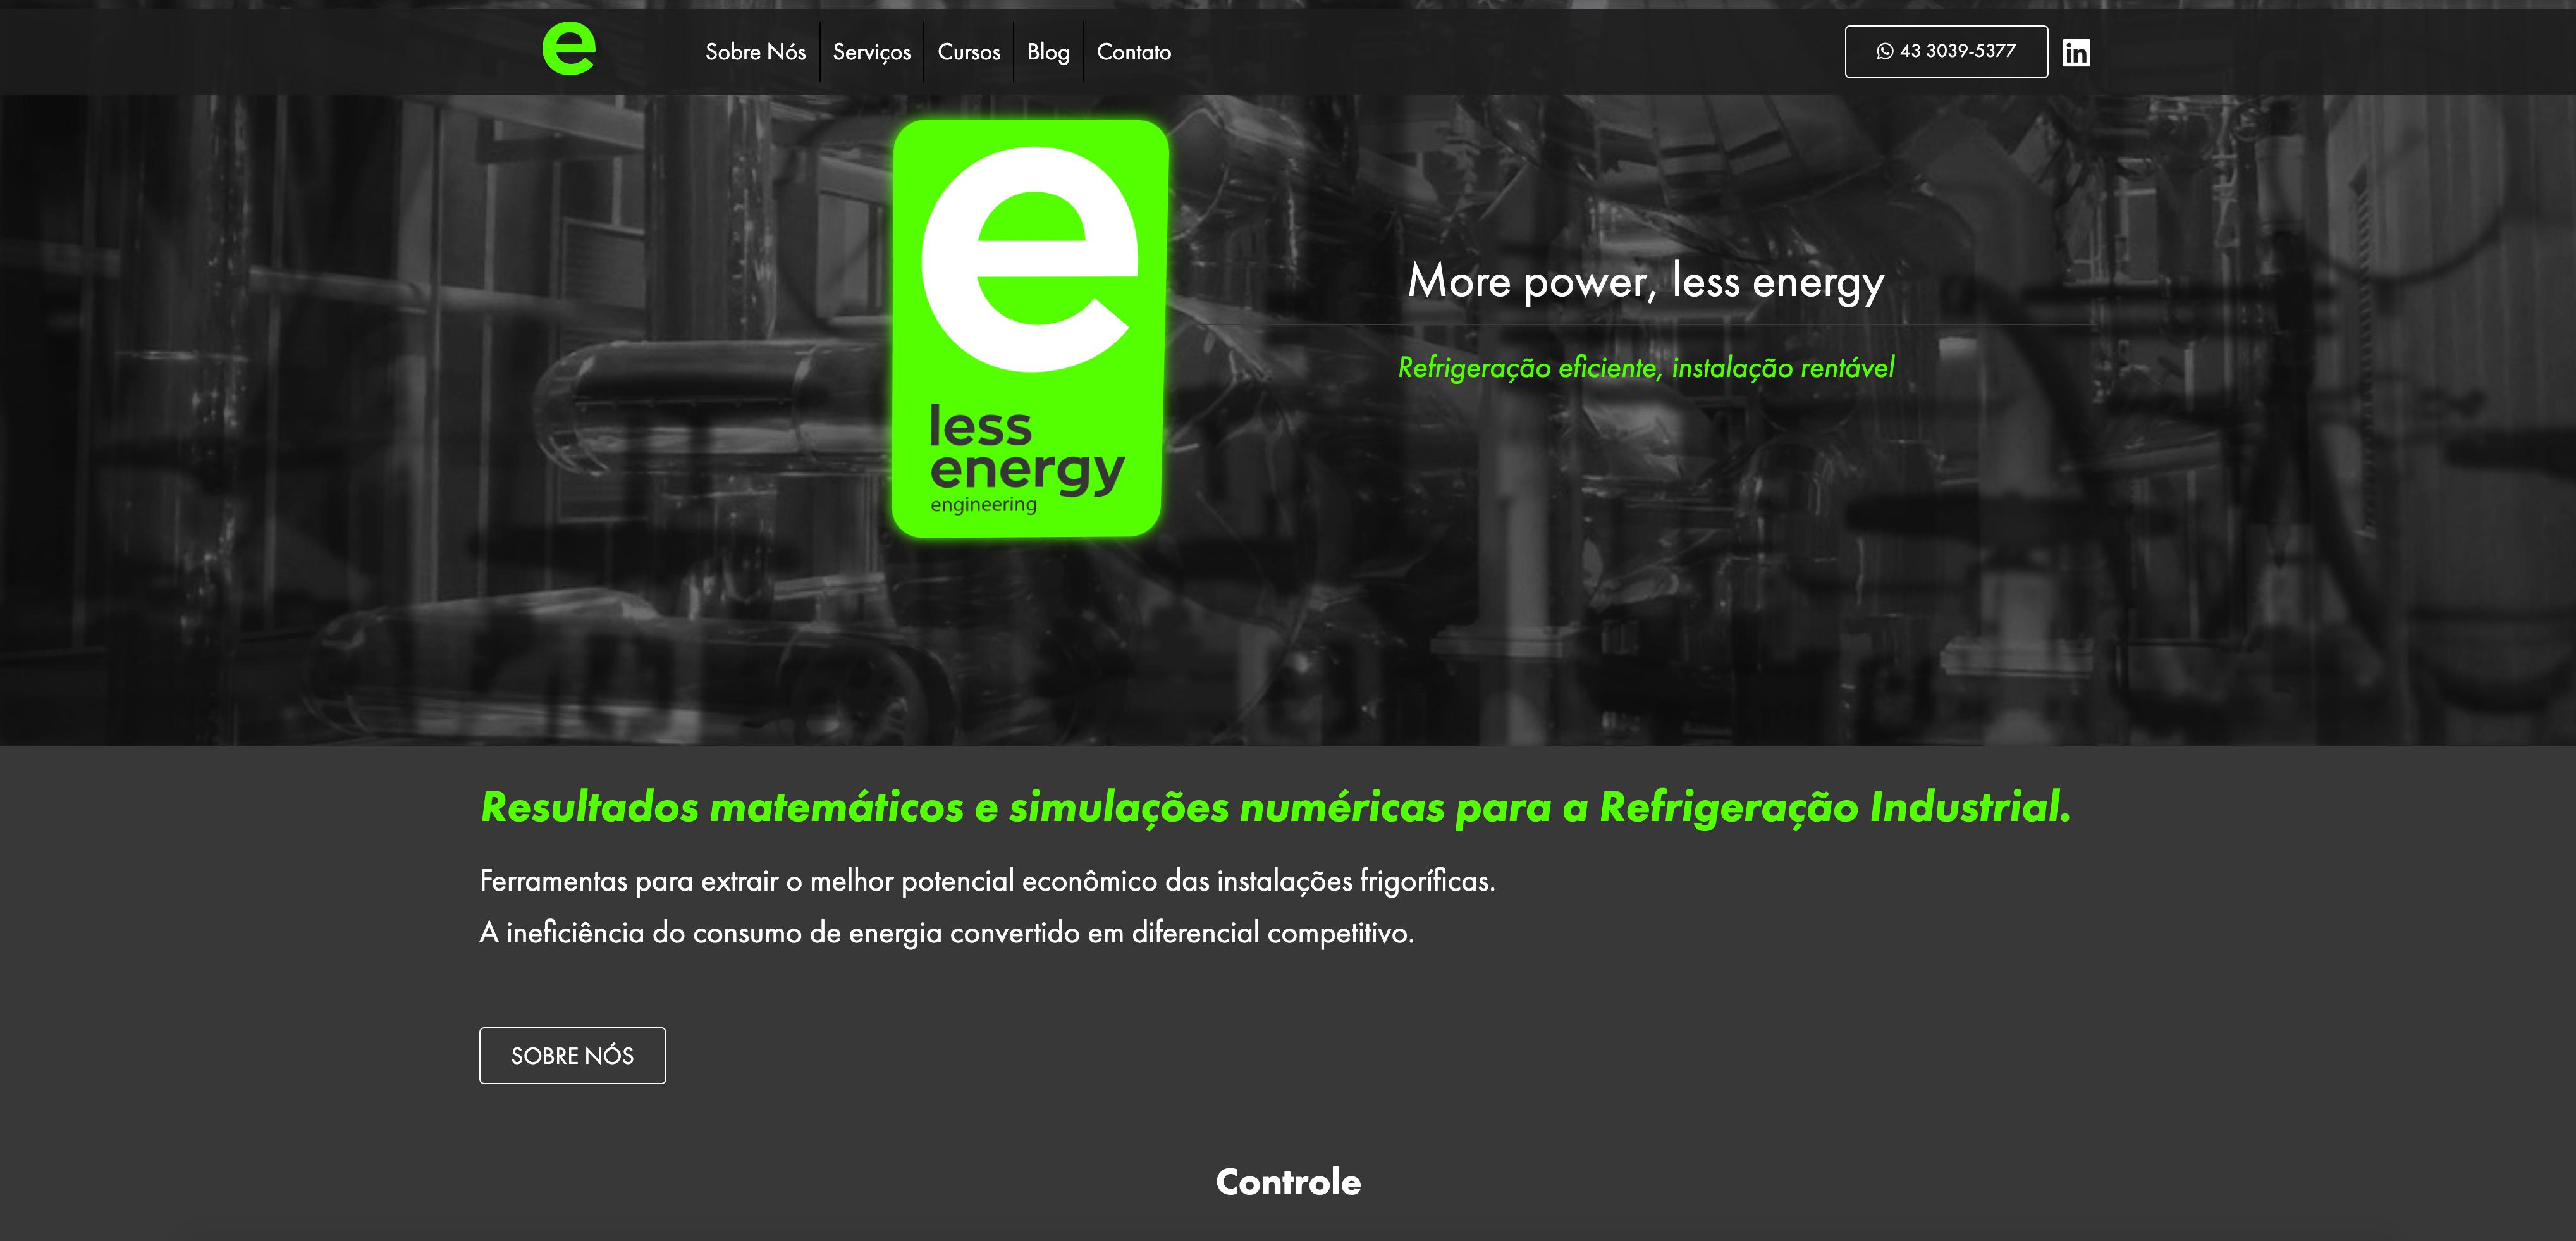 https://www.lessenergy.com.br/